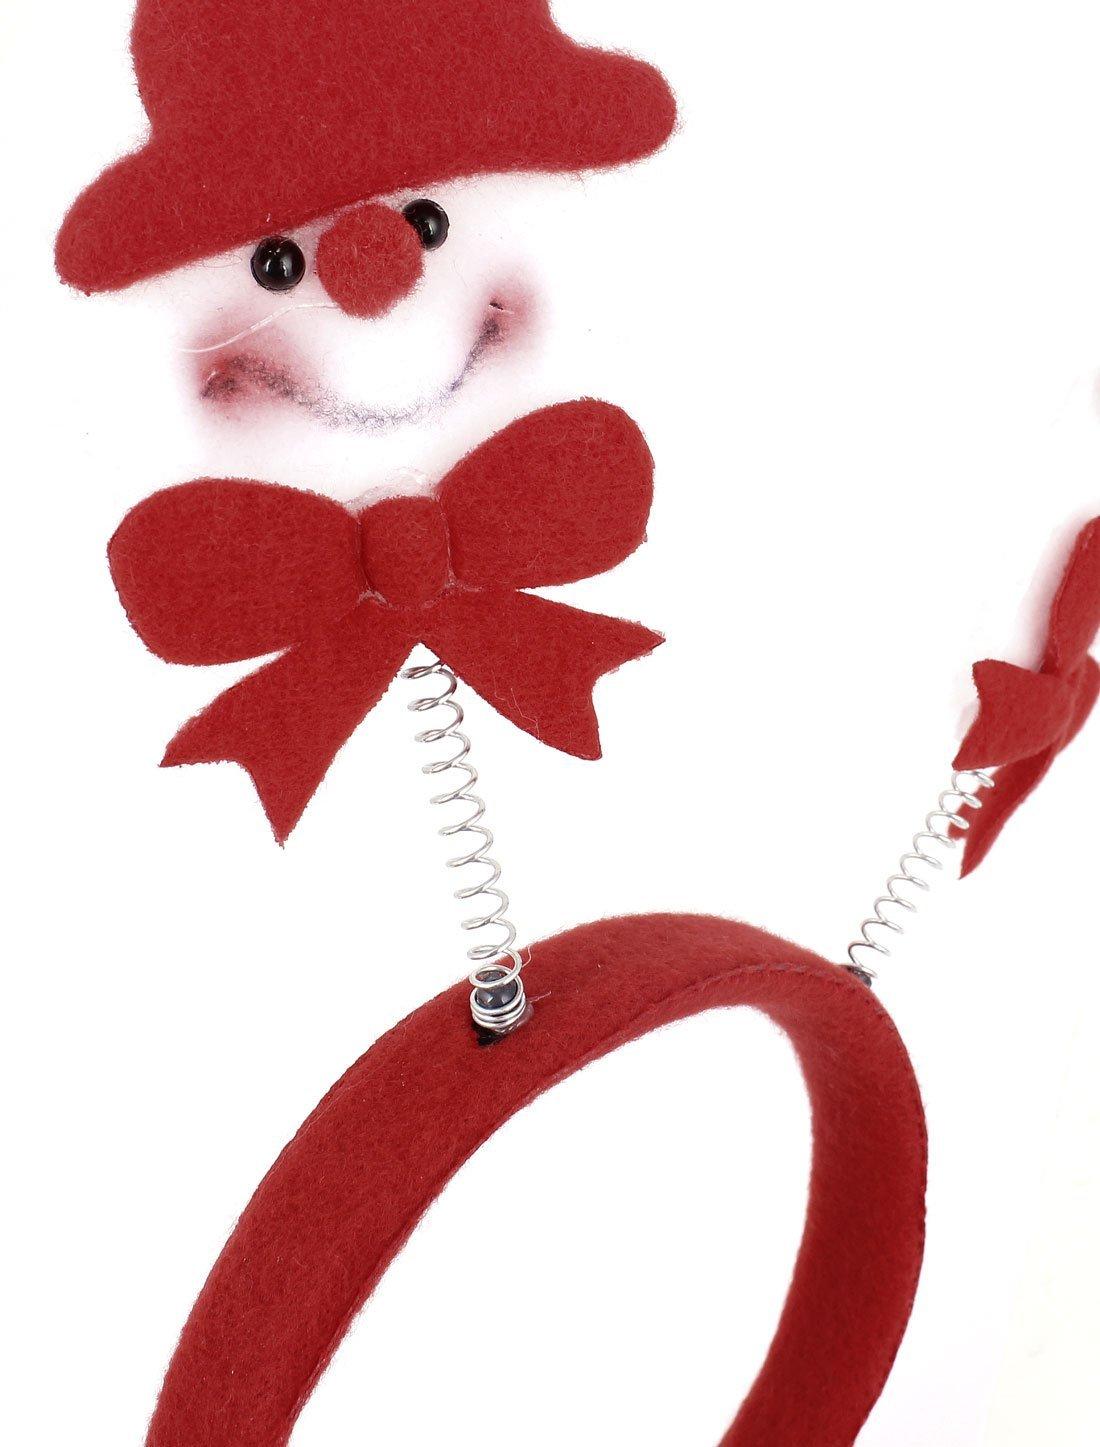 Amazon.com: Dual Modelo del resorte del muñeco de Nieve Pelo de la Venda festivo de Navidad de la decoración: Health & Personal Care